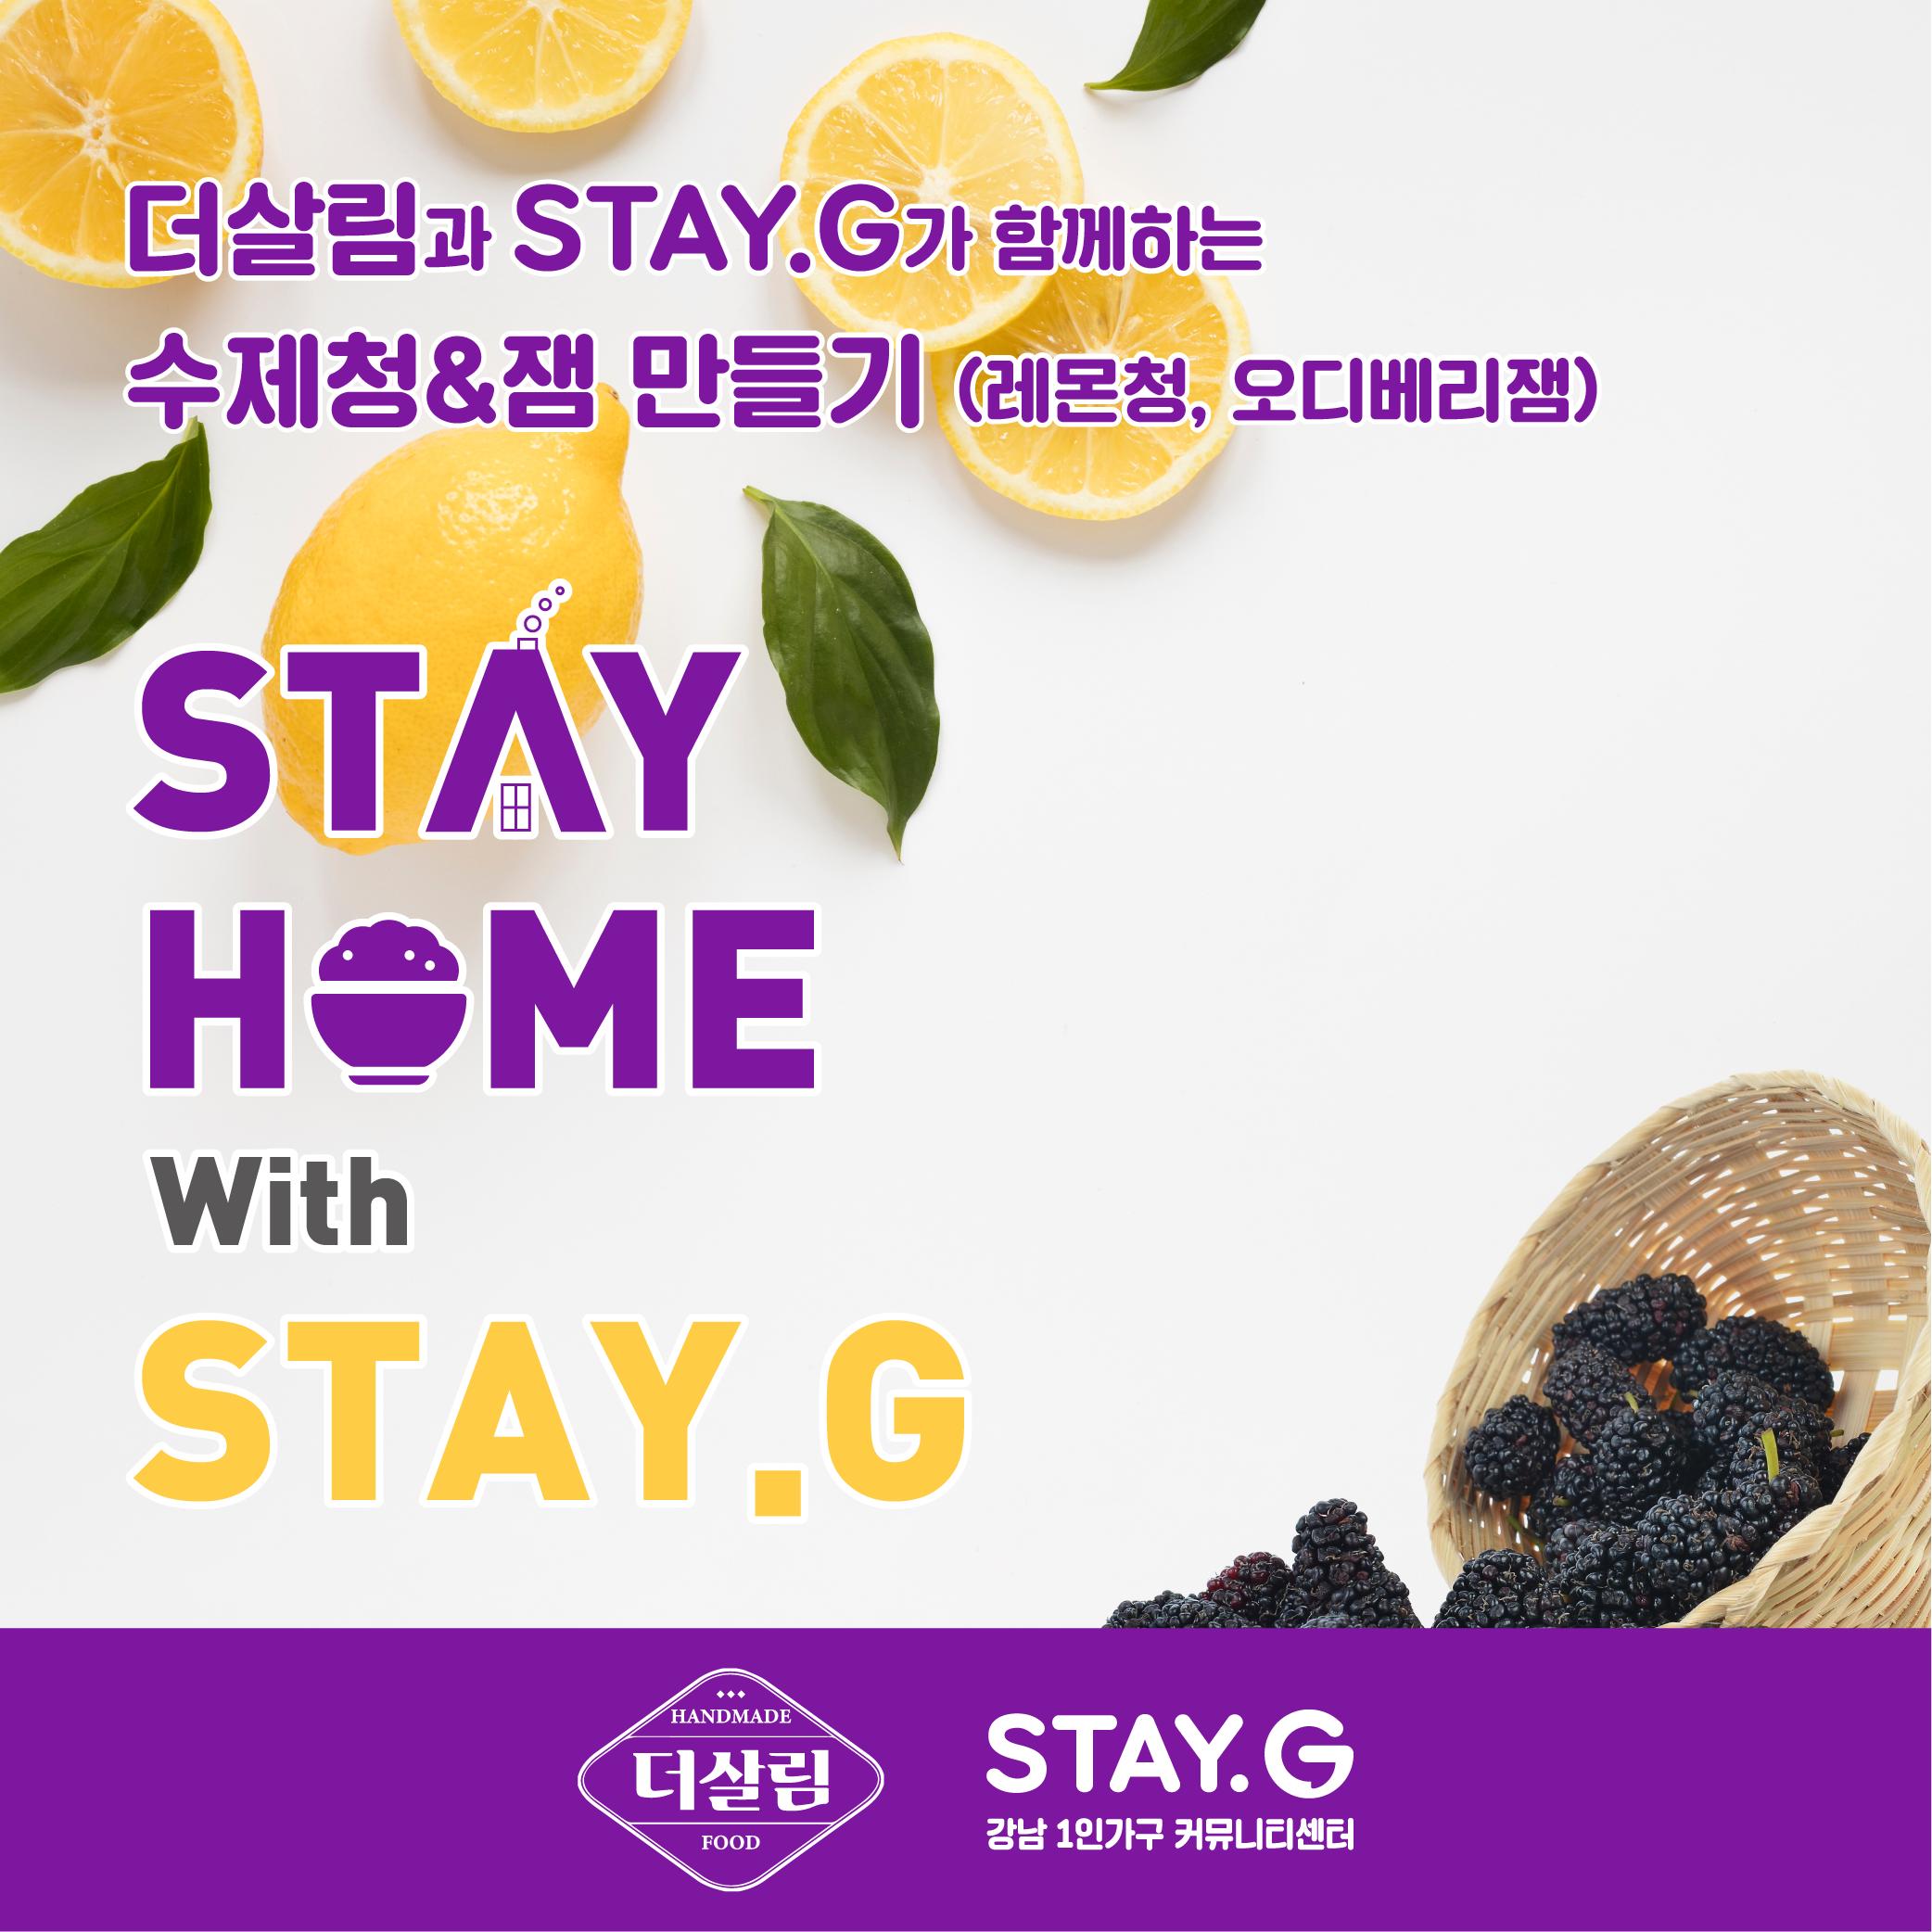 [정원마감!] 9월 라이브 소셜다이닝(더살림XSTAY.G)